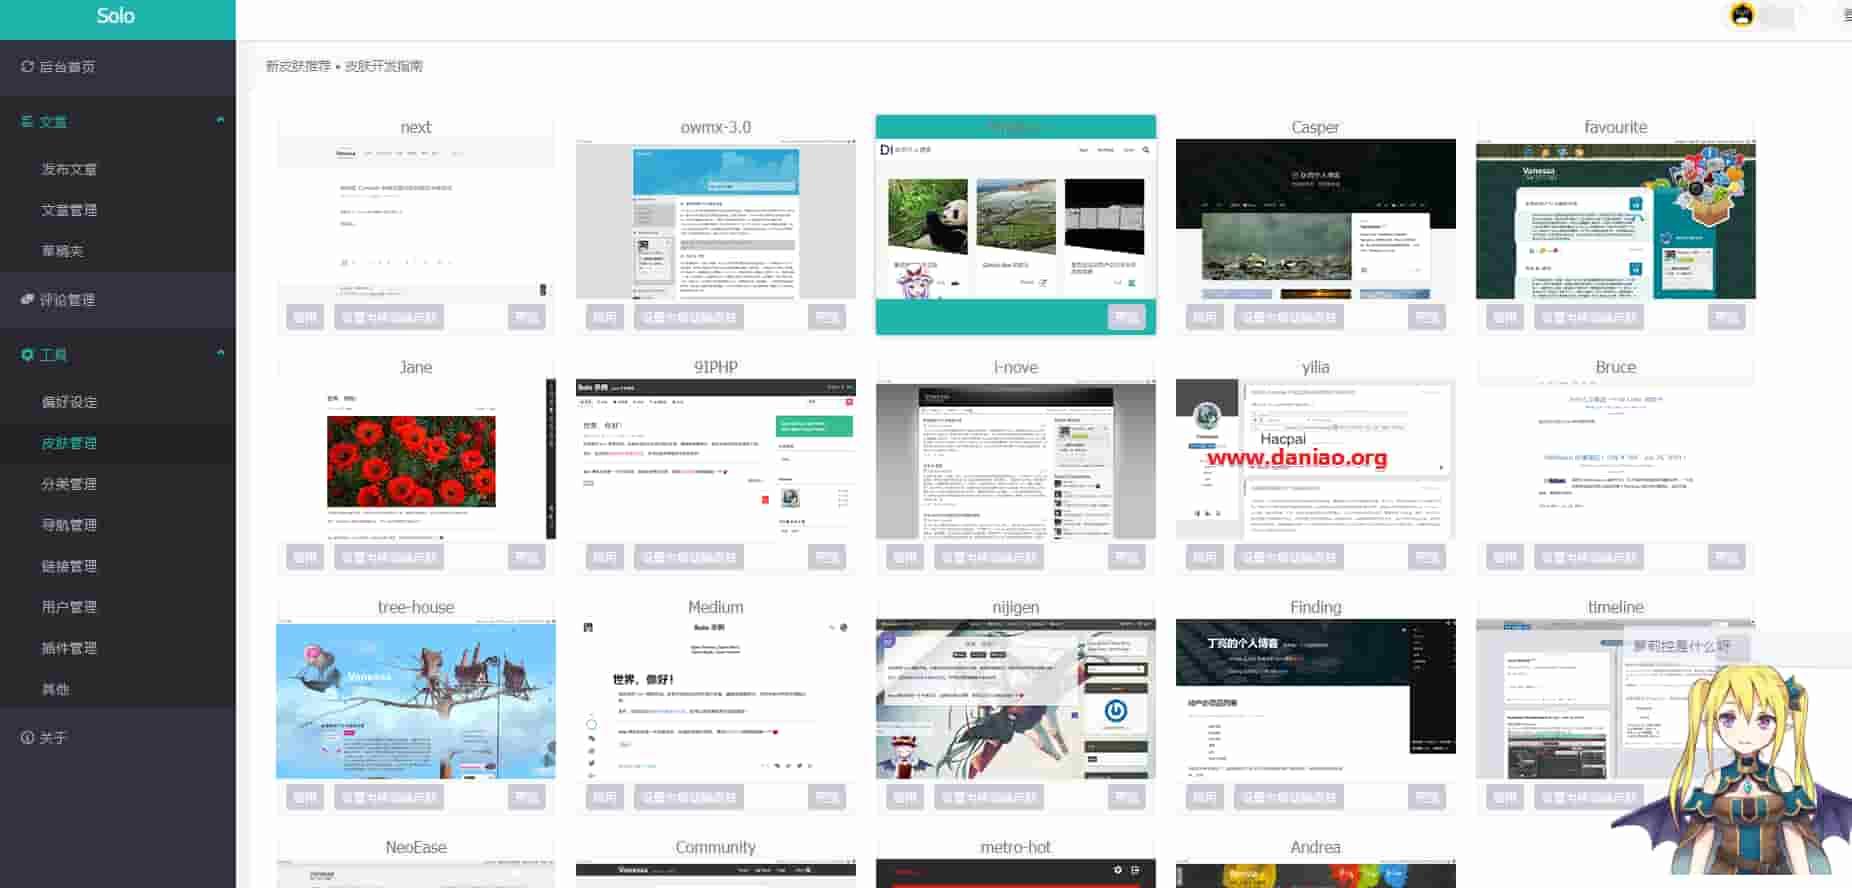 宝塔面板Docker安装Solo博客 – 一款小而美的JAVA博客系统